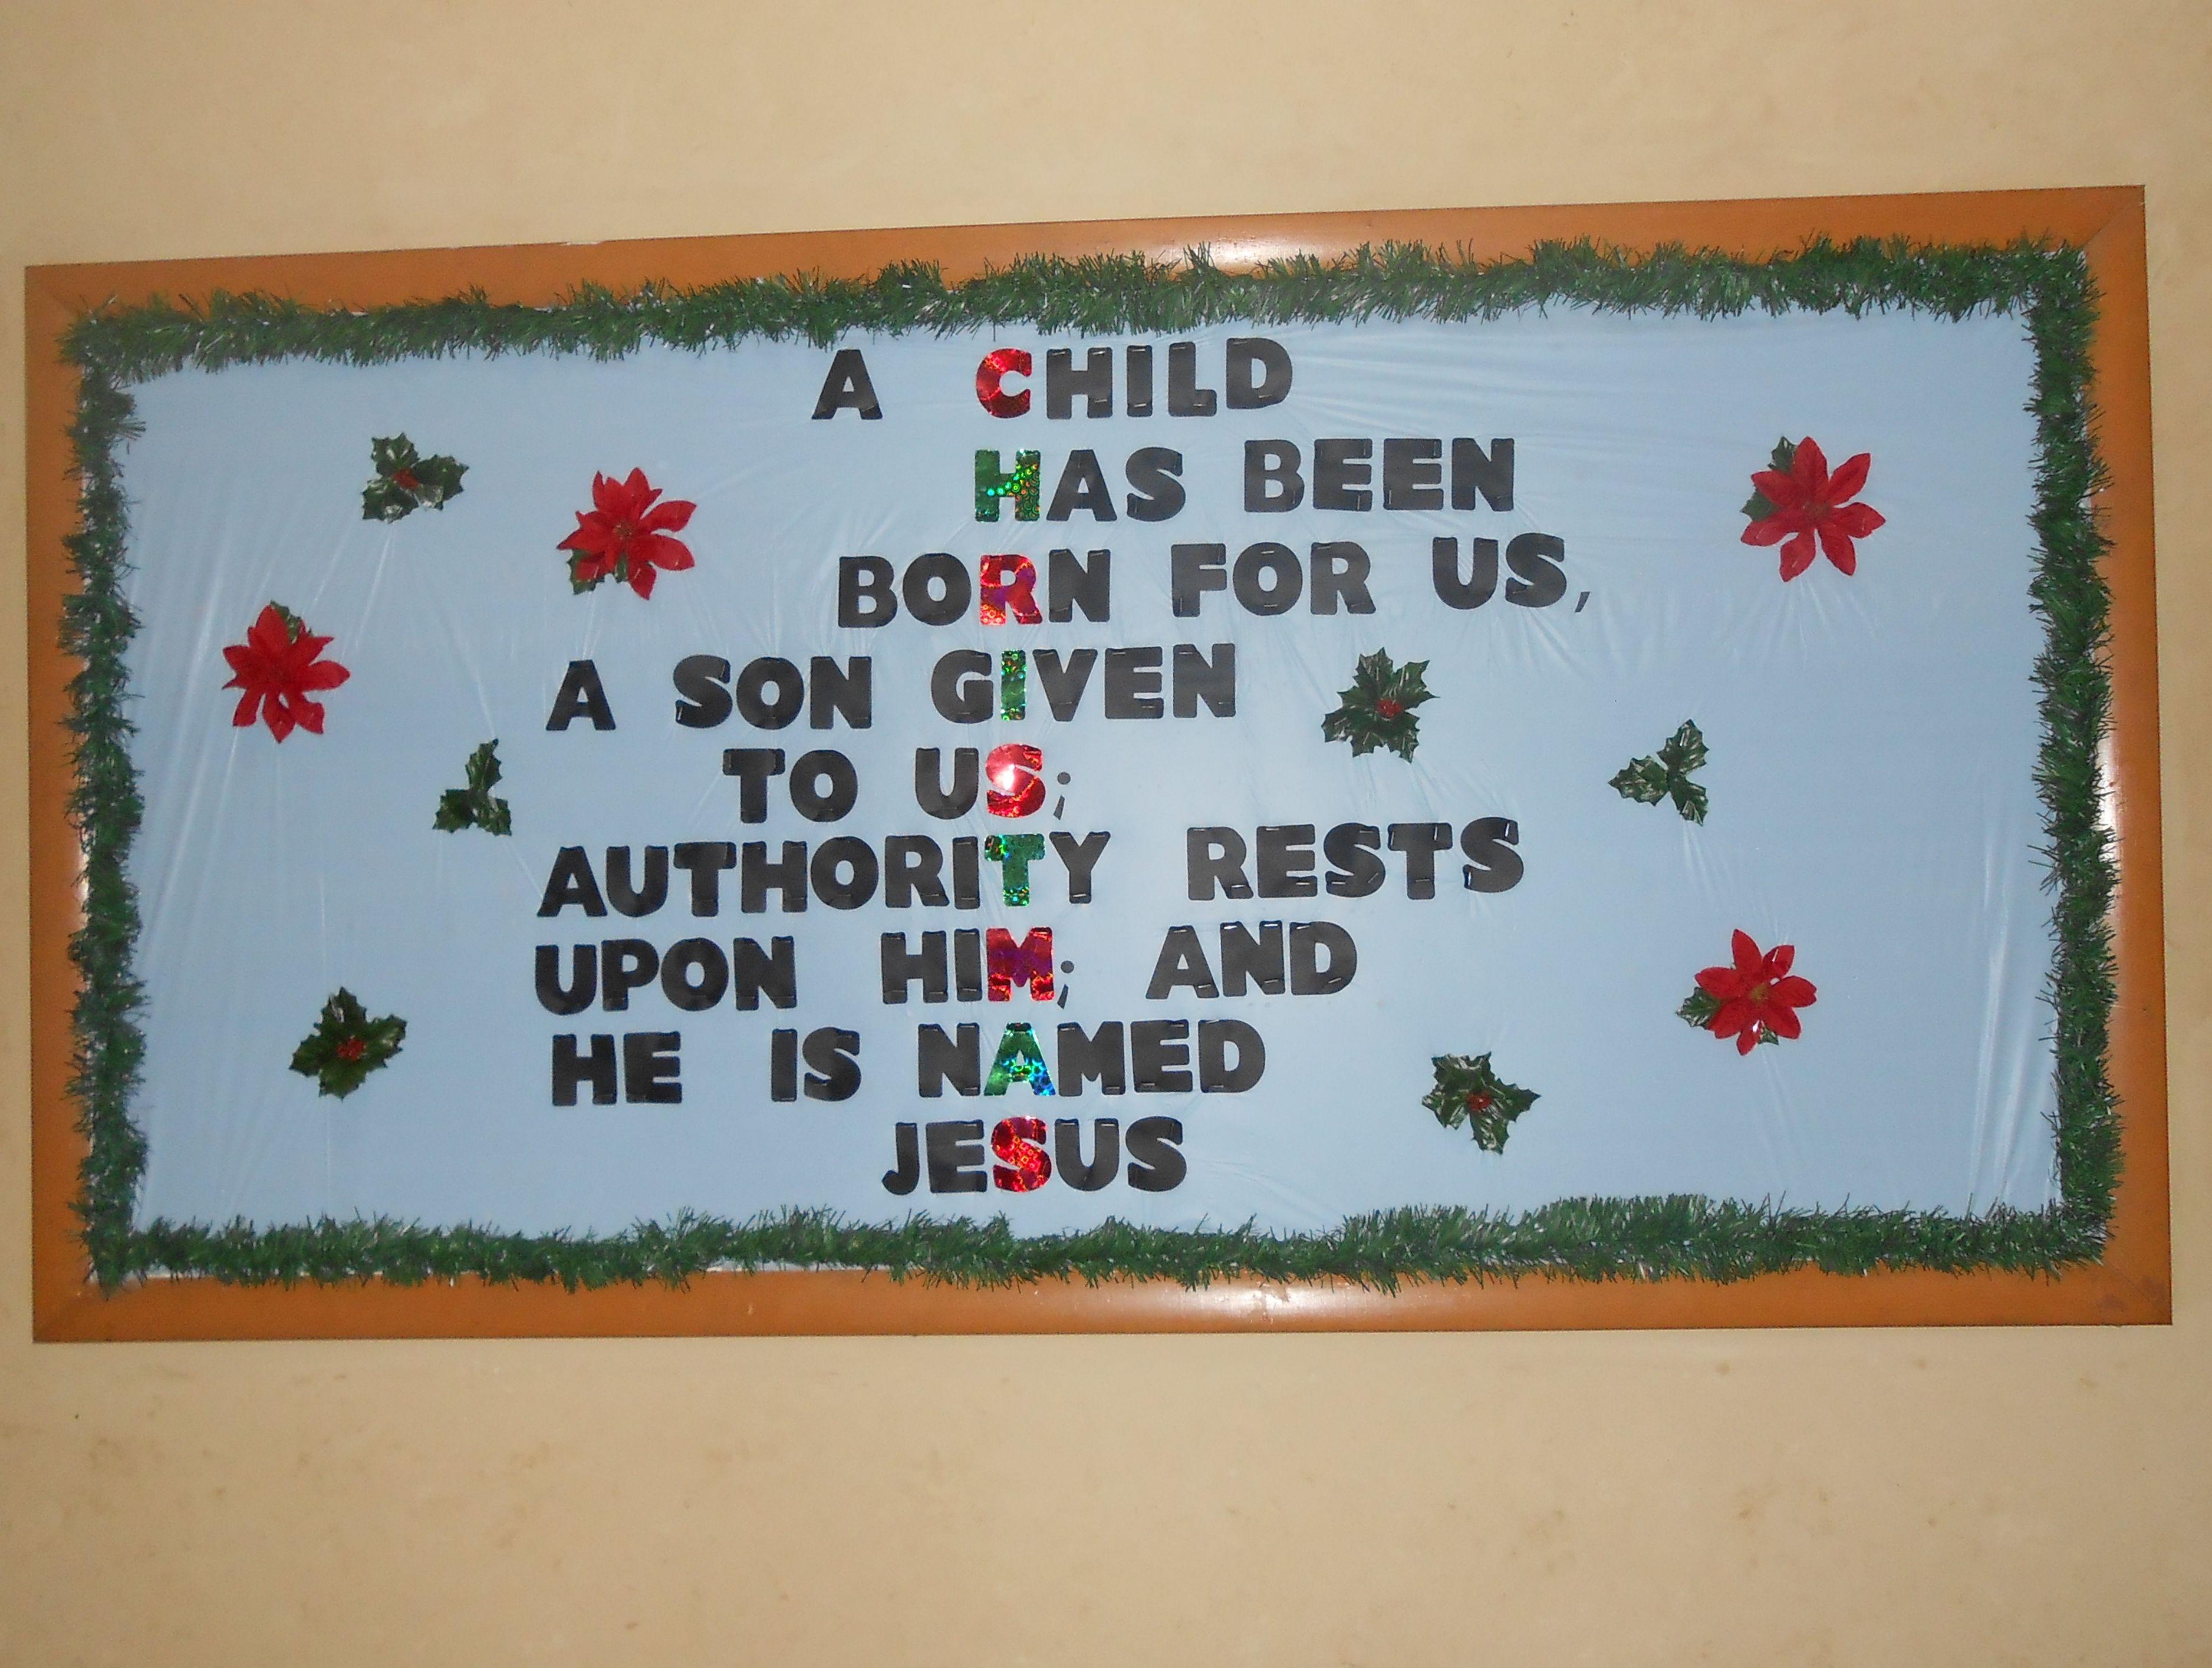 December Church Bulletin Board Christian Preschoolchristian Craftschurch